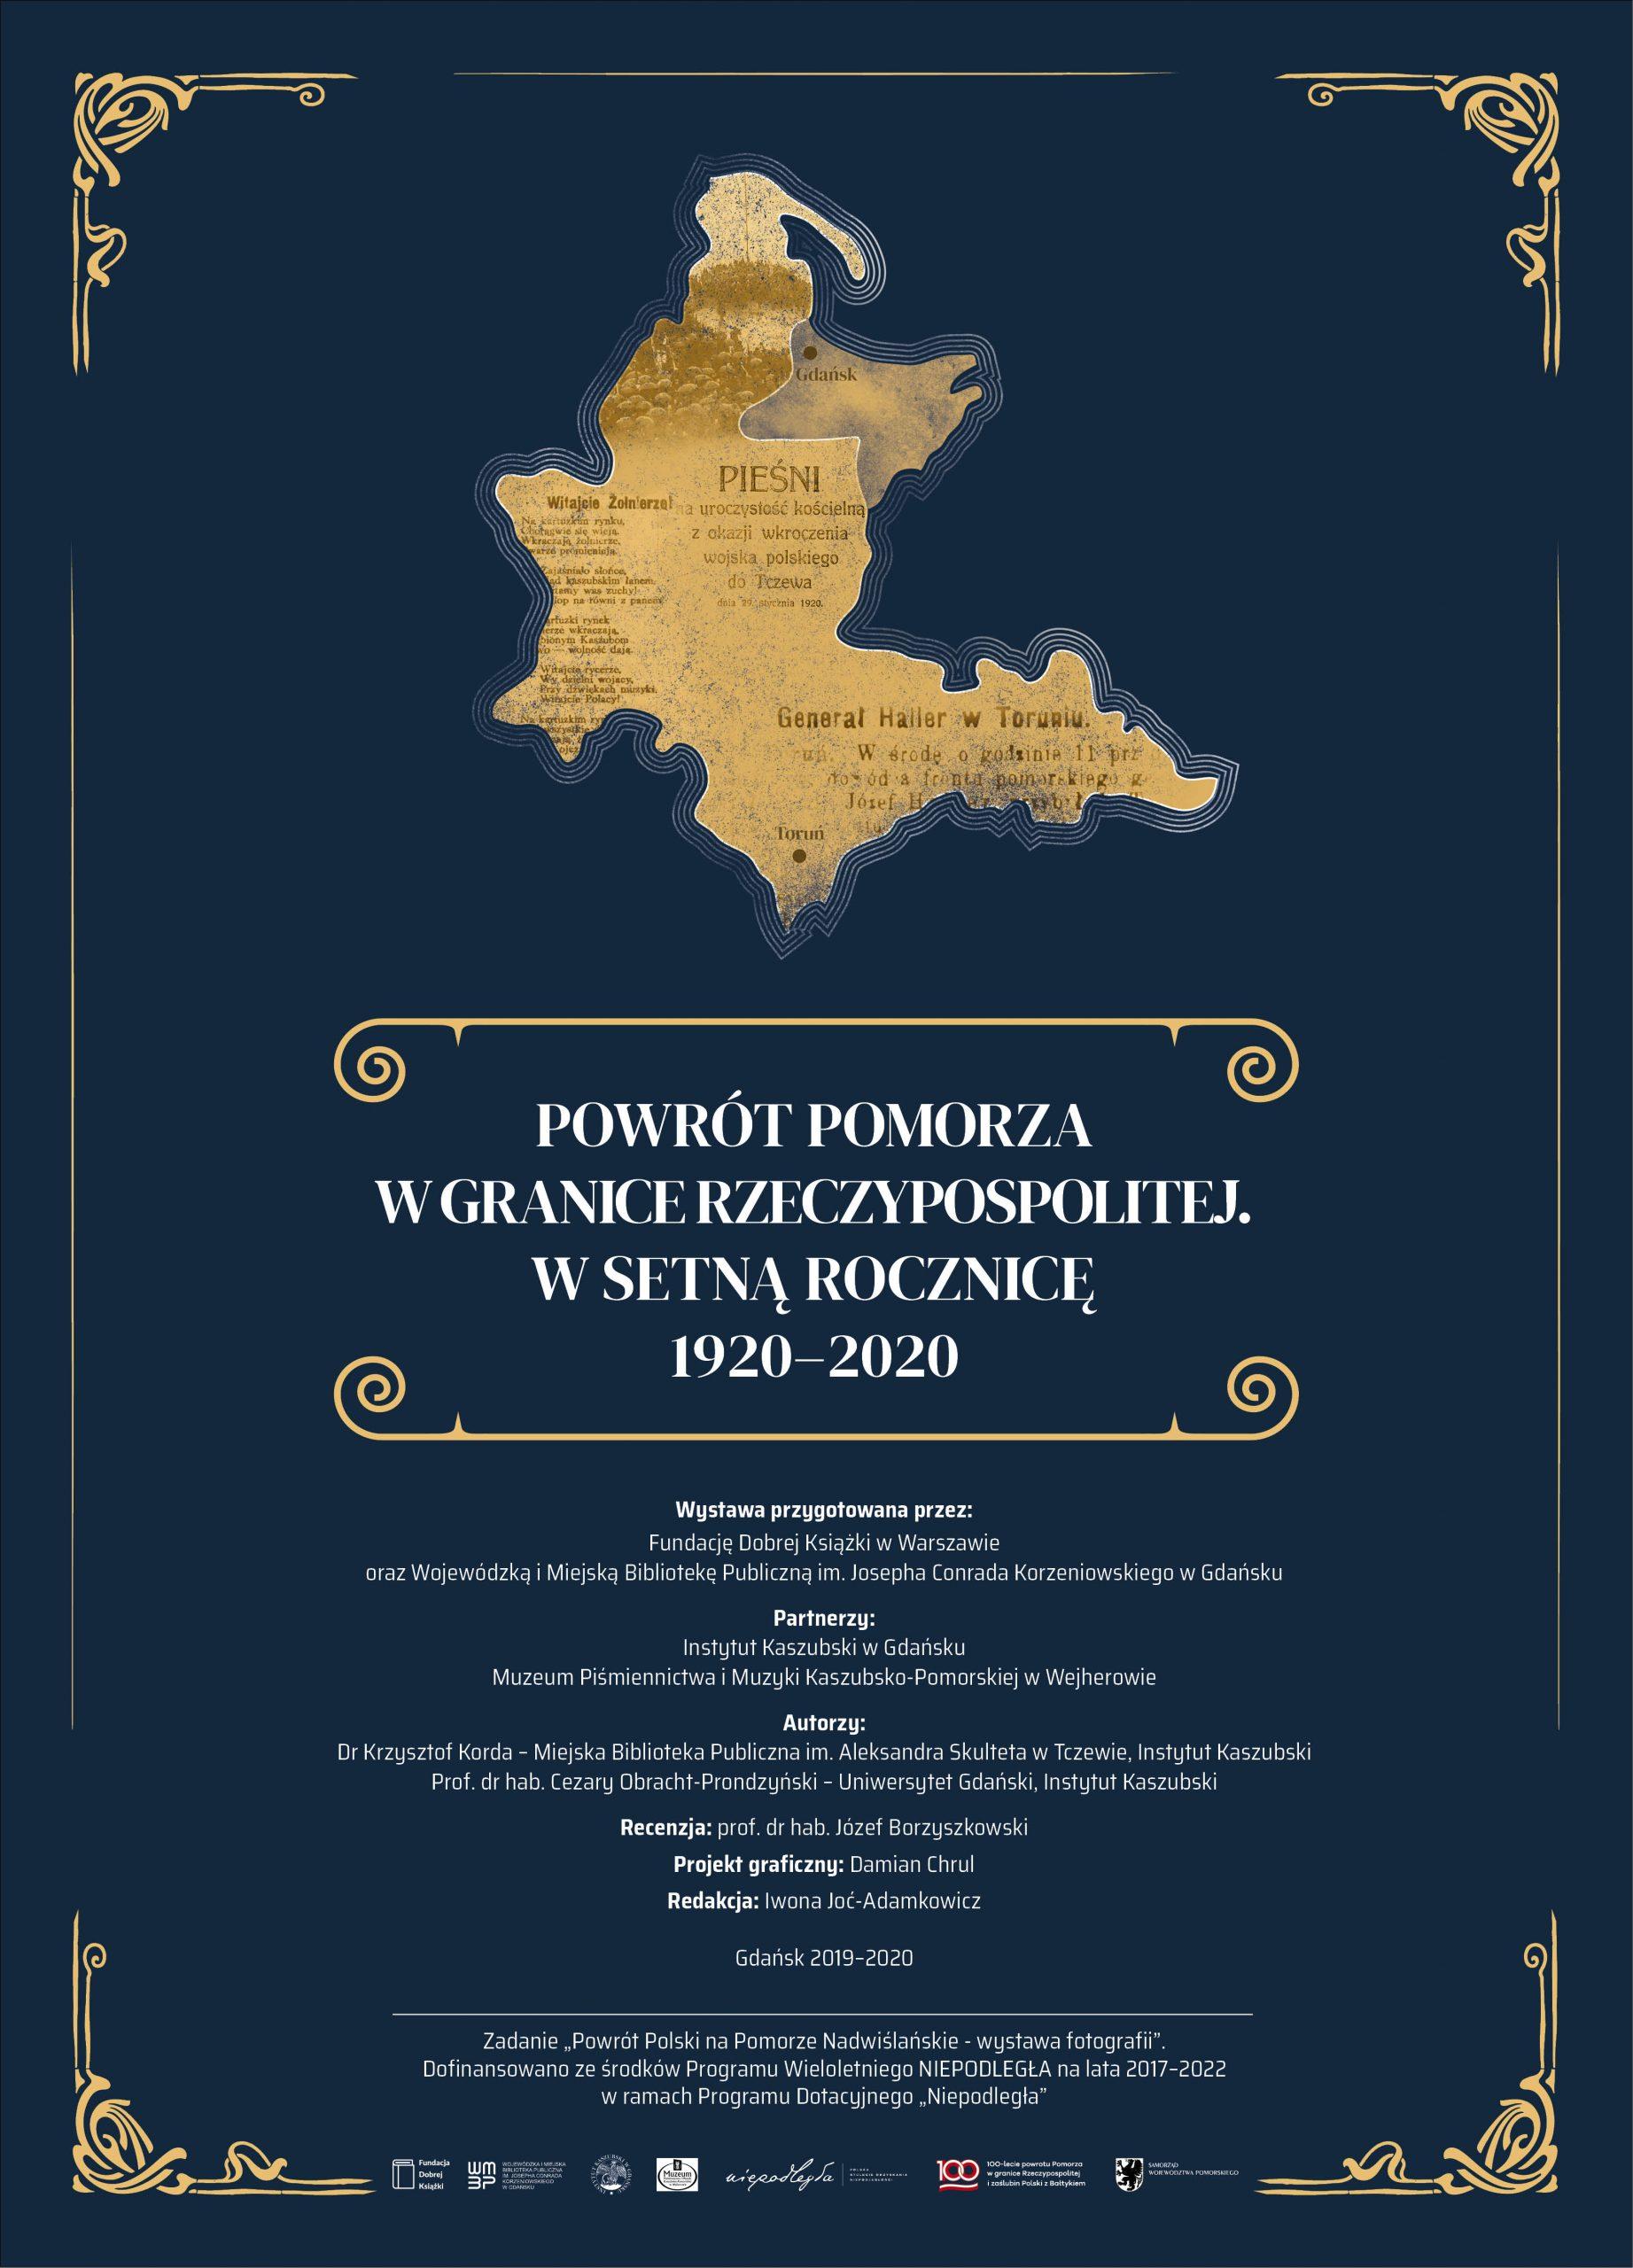 plansza tytułowa wystawy z zarysem mapy Pomorza oraz logo organizatorów